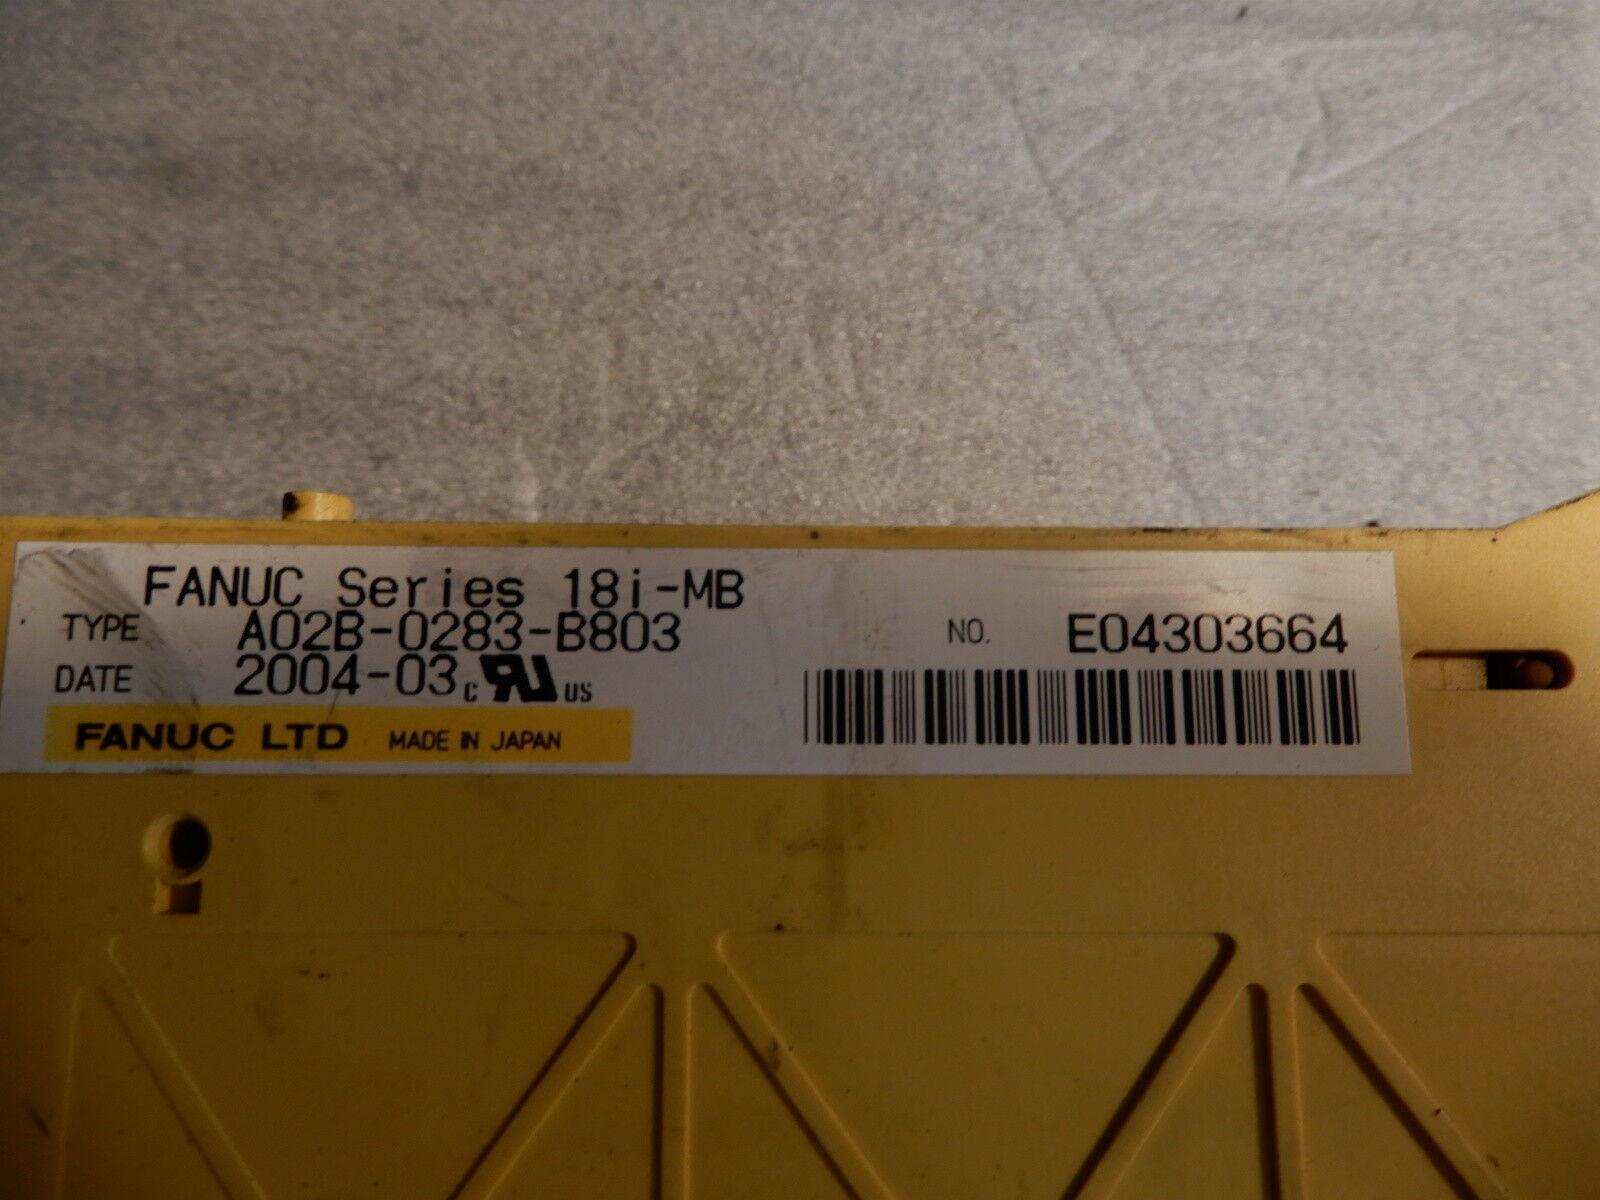 FANUC Series 18i-MB NO E04303664, A02B-0283-B803